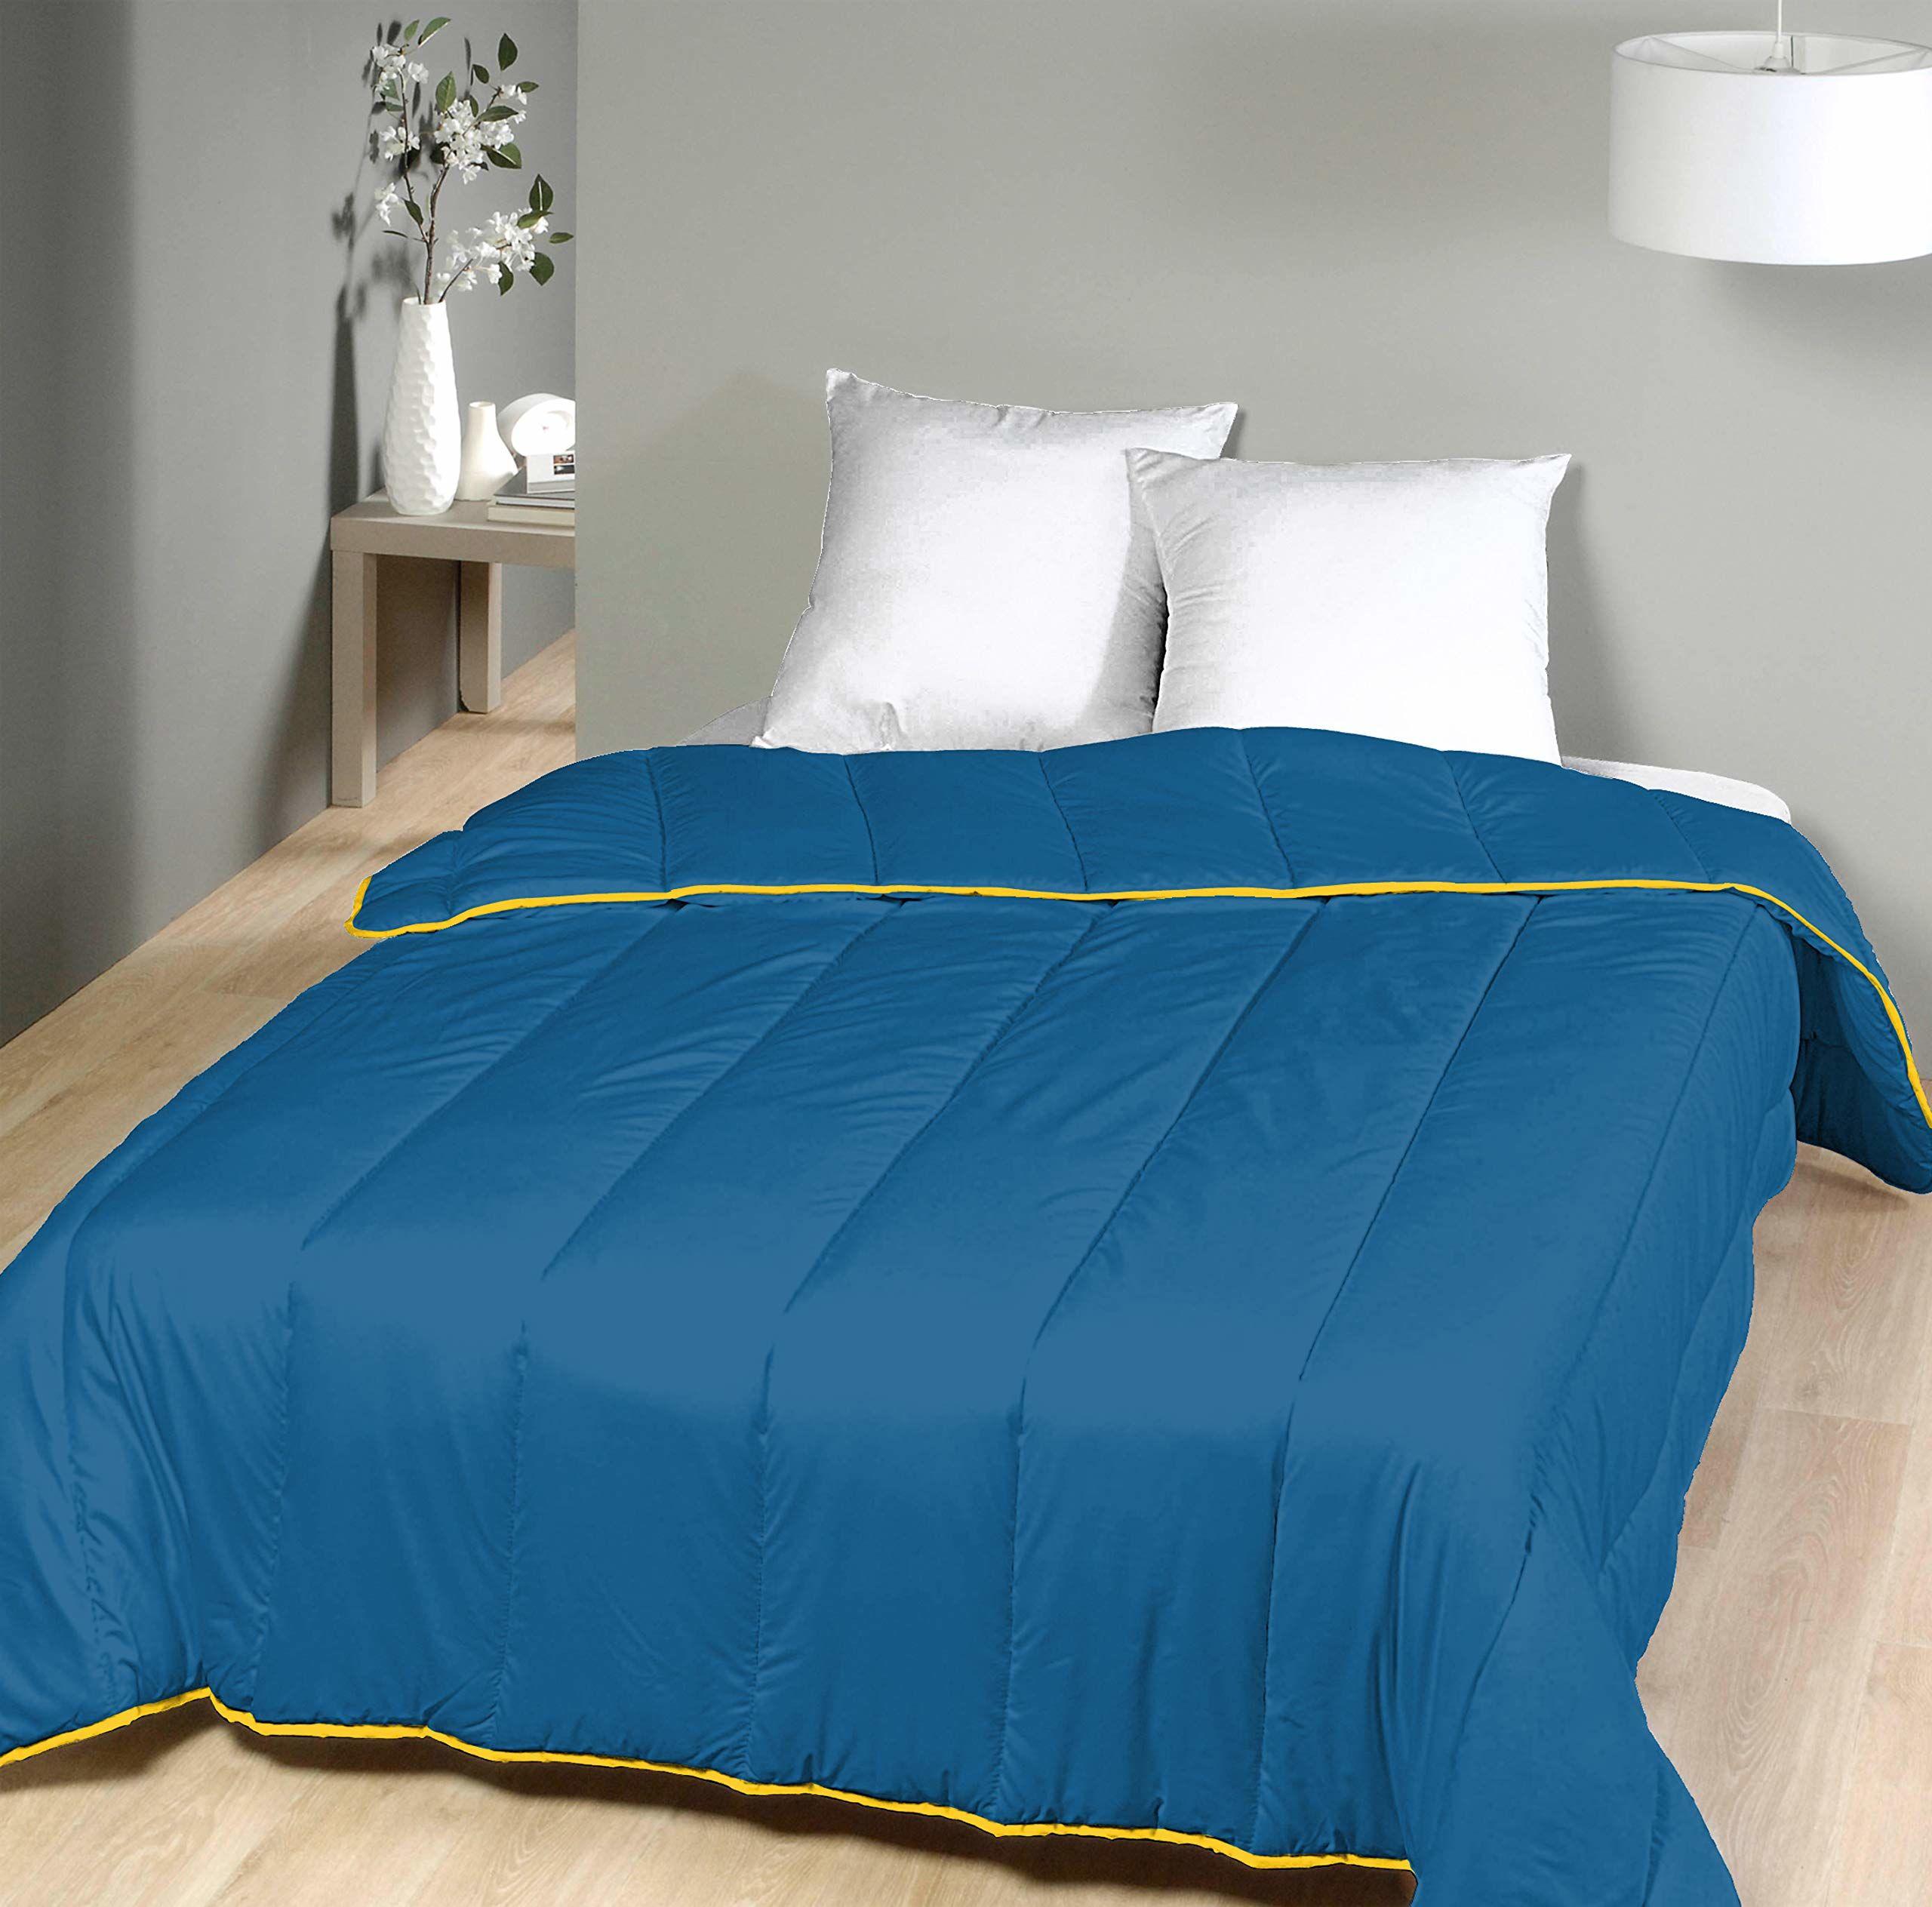 Laurentmortreux kołdra pikowana, 240 x 260 cm, poliester, 240 x 260 cm, kolor niebieski